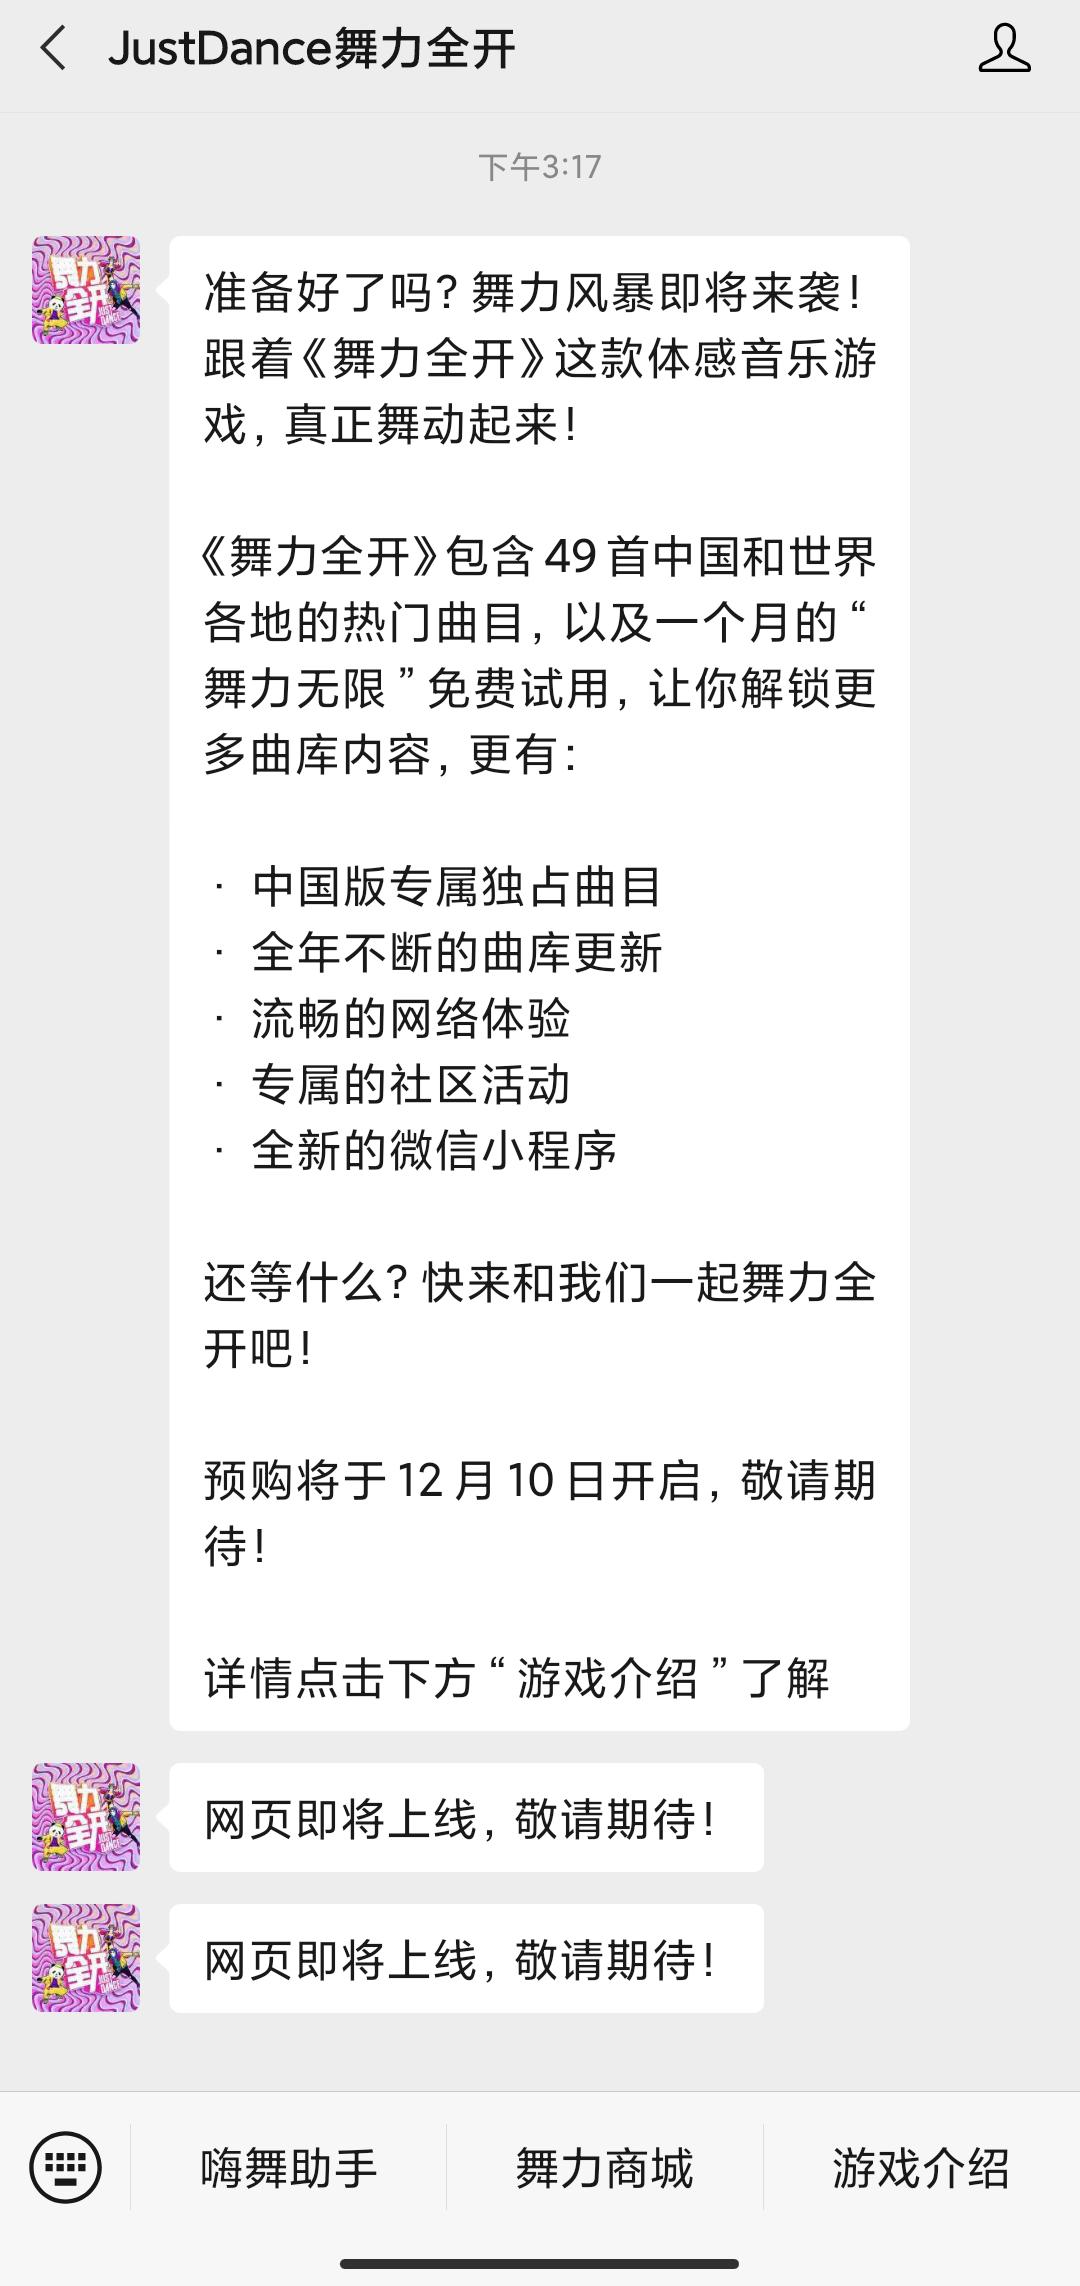 《舞力全开》国行NS版12月10日预购 有专属独占曲目